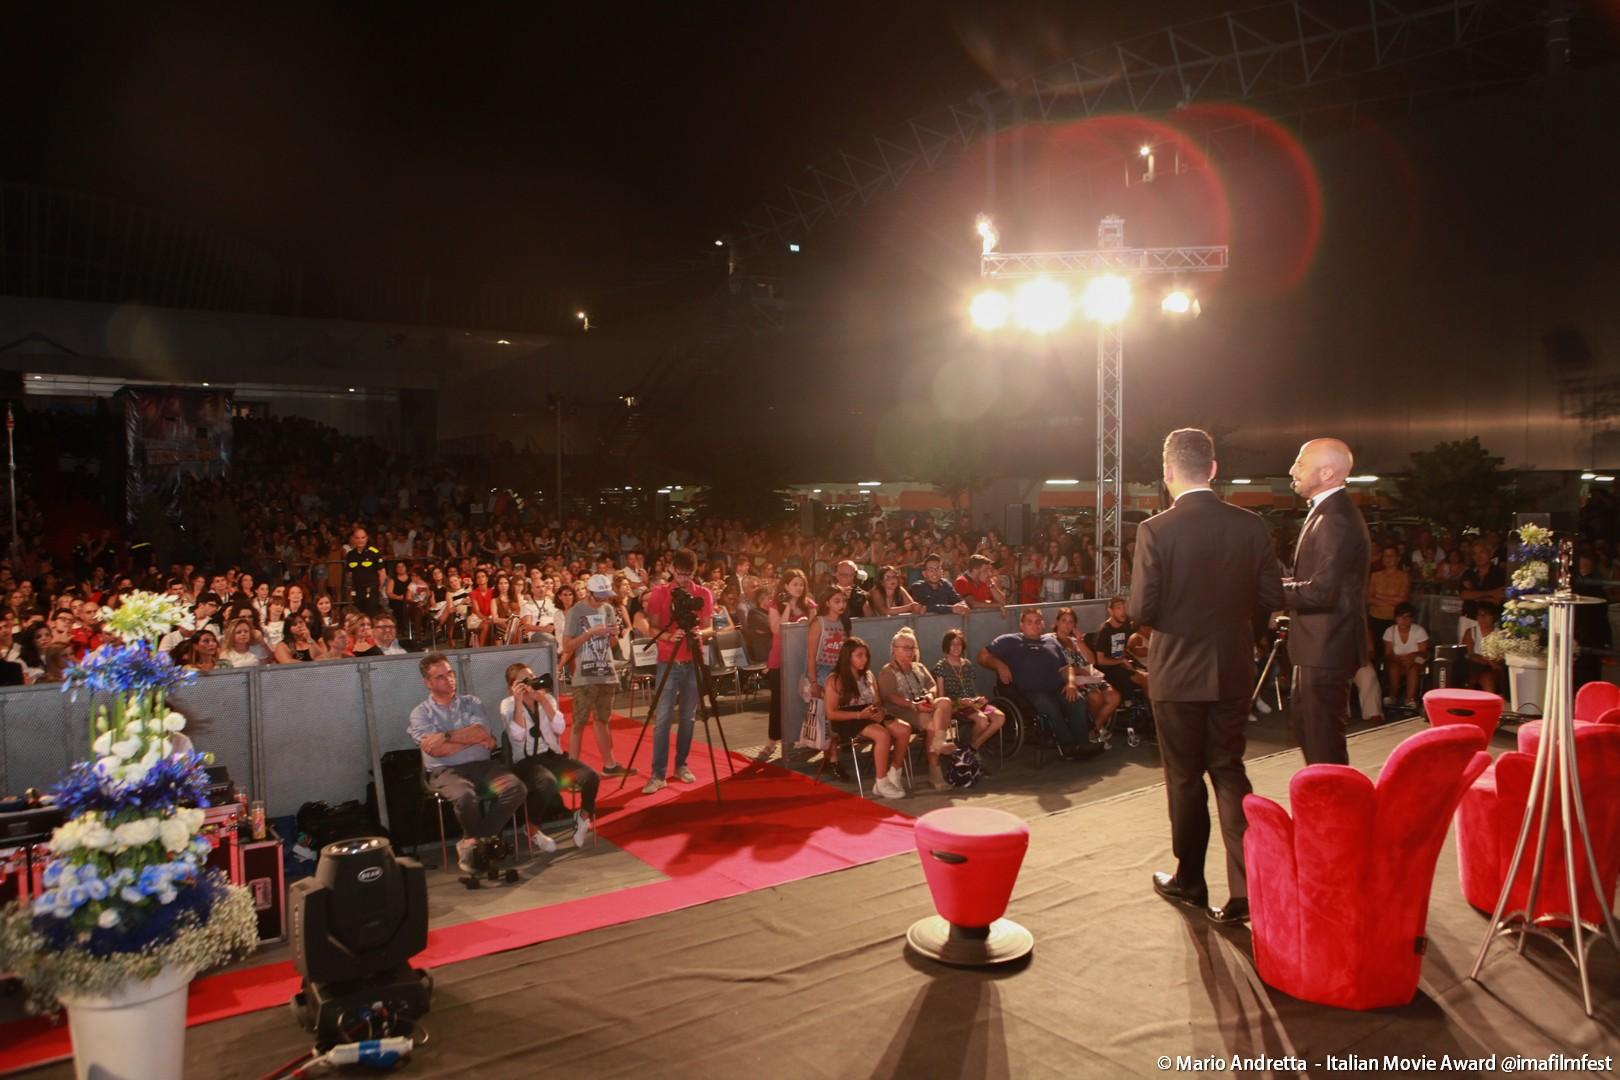 Italian_Movie_Award_Raoul_Bova_9imafilmfest_carlo_fumo